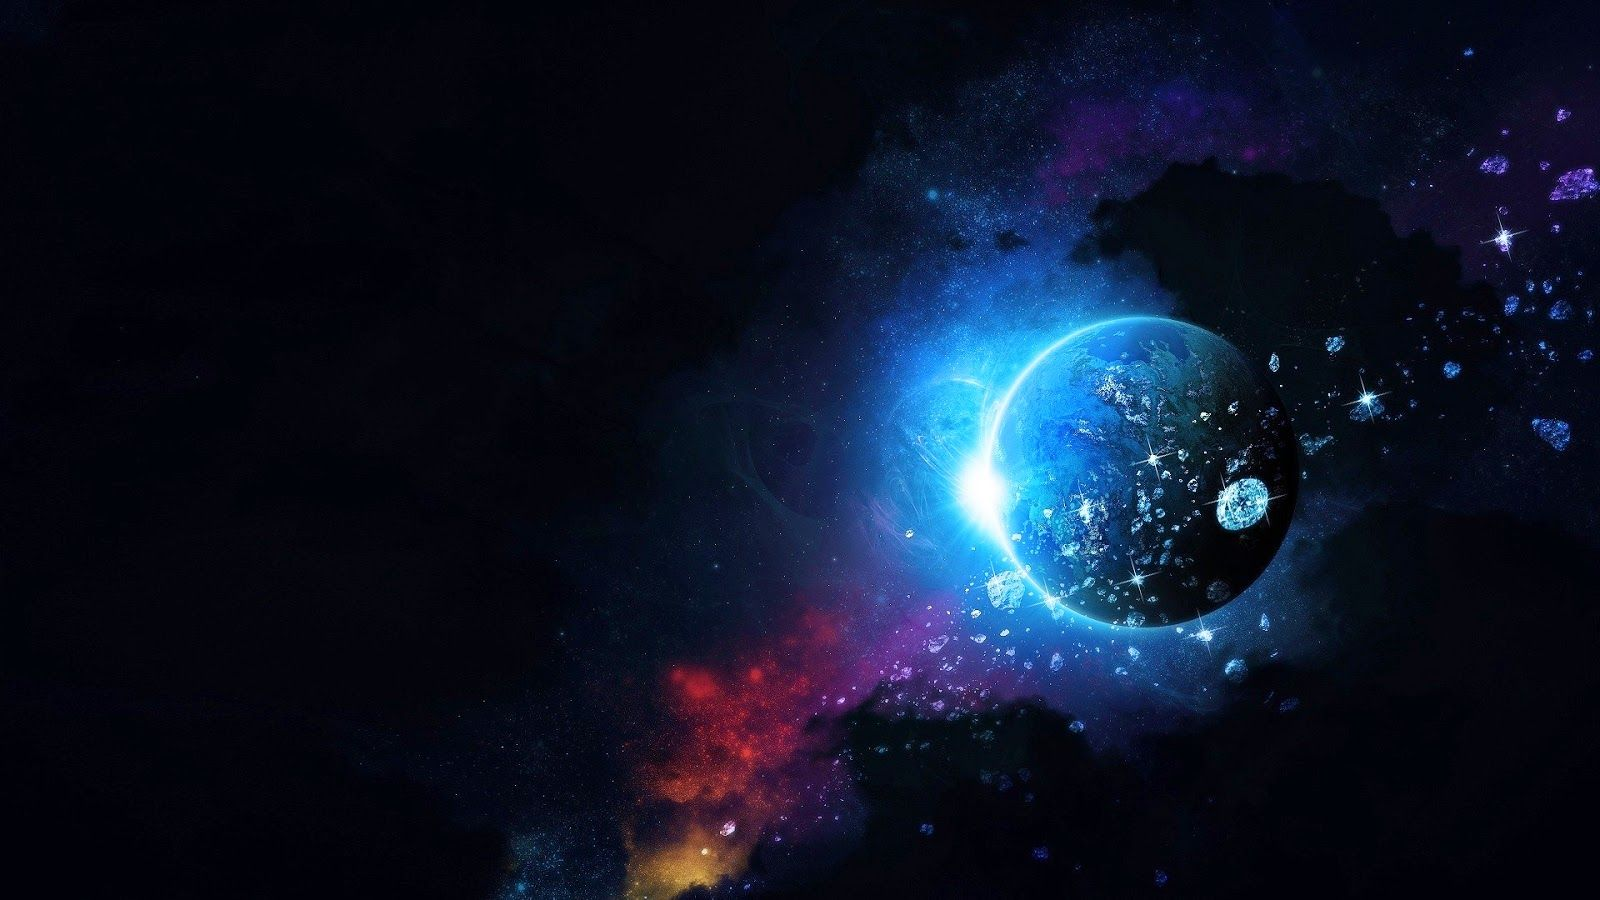 35 Gambar Keren Luar Angkasa Antariksa Astronomi With